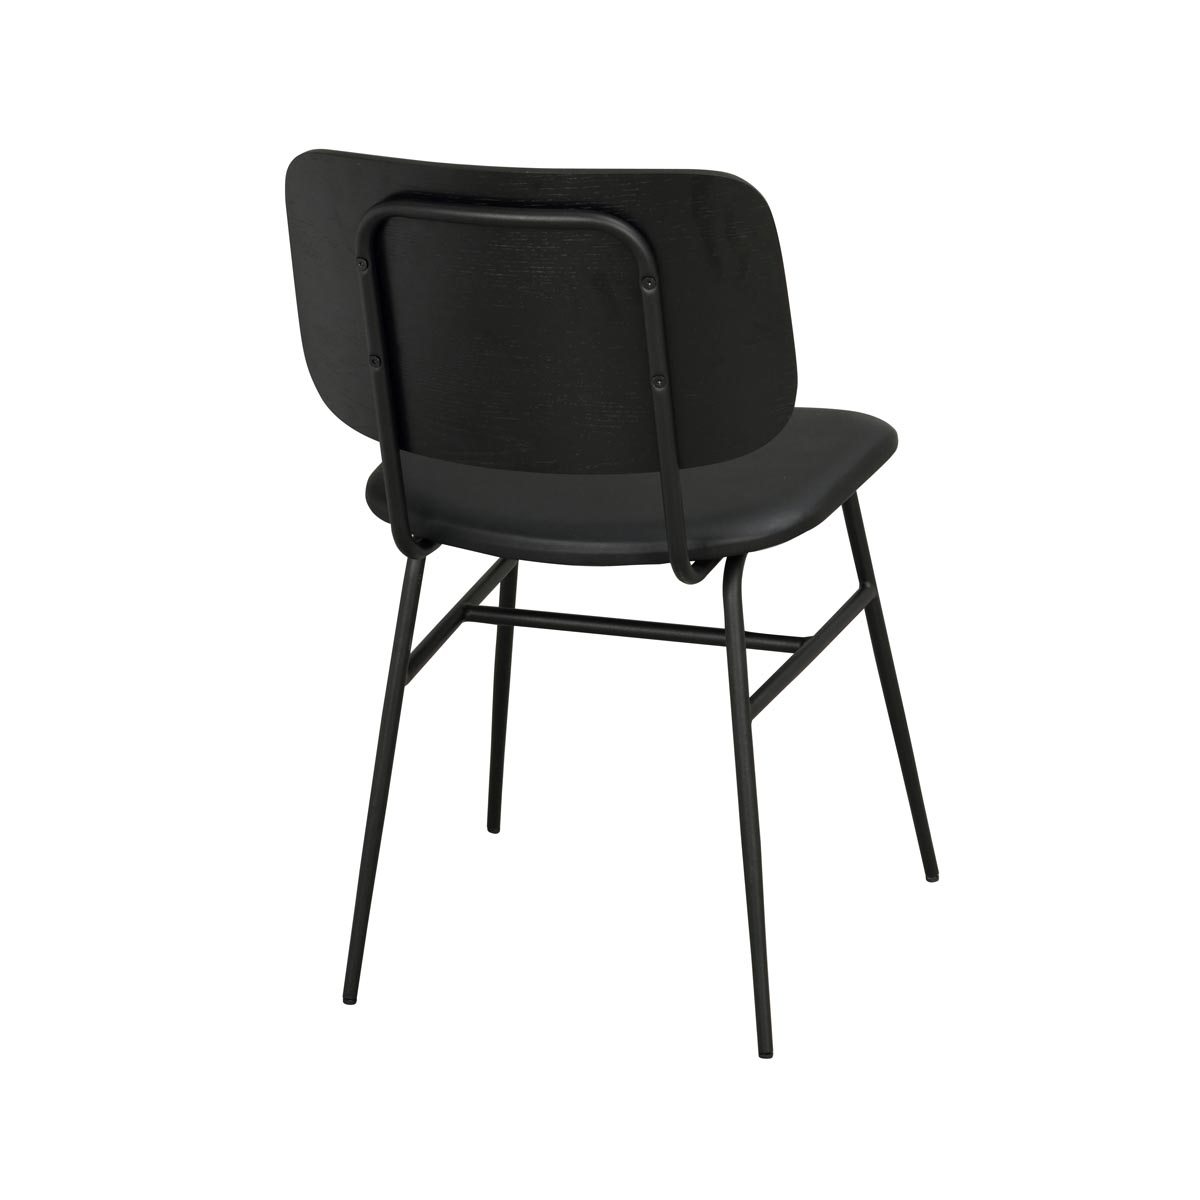 Brent-stol-svart_svart-R-118977_d